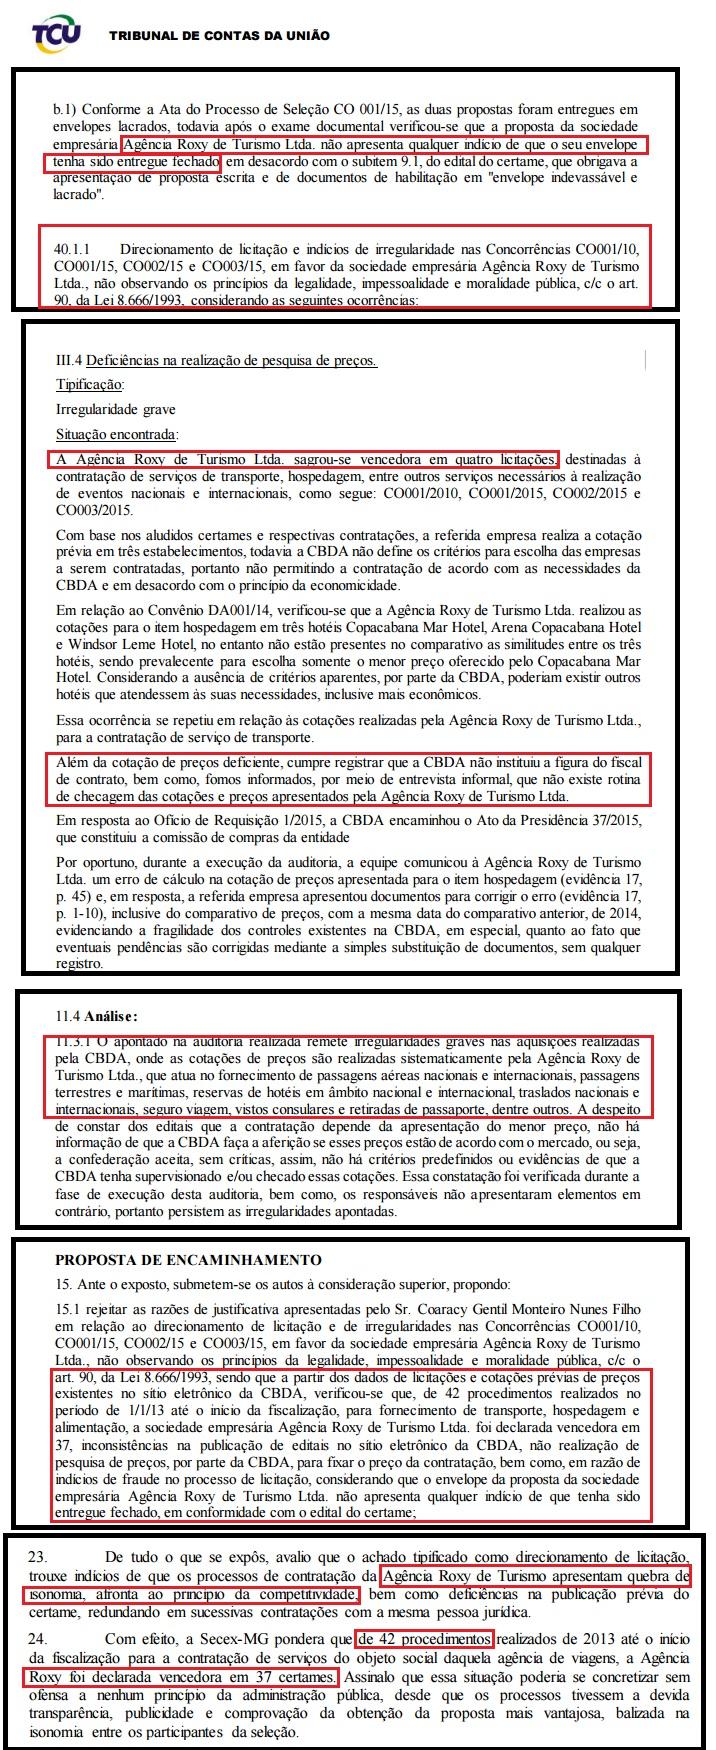 Auditoria da CGU aponta evidências de fraudes envolvendo Roxy e CBDA